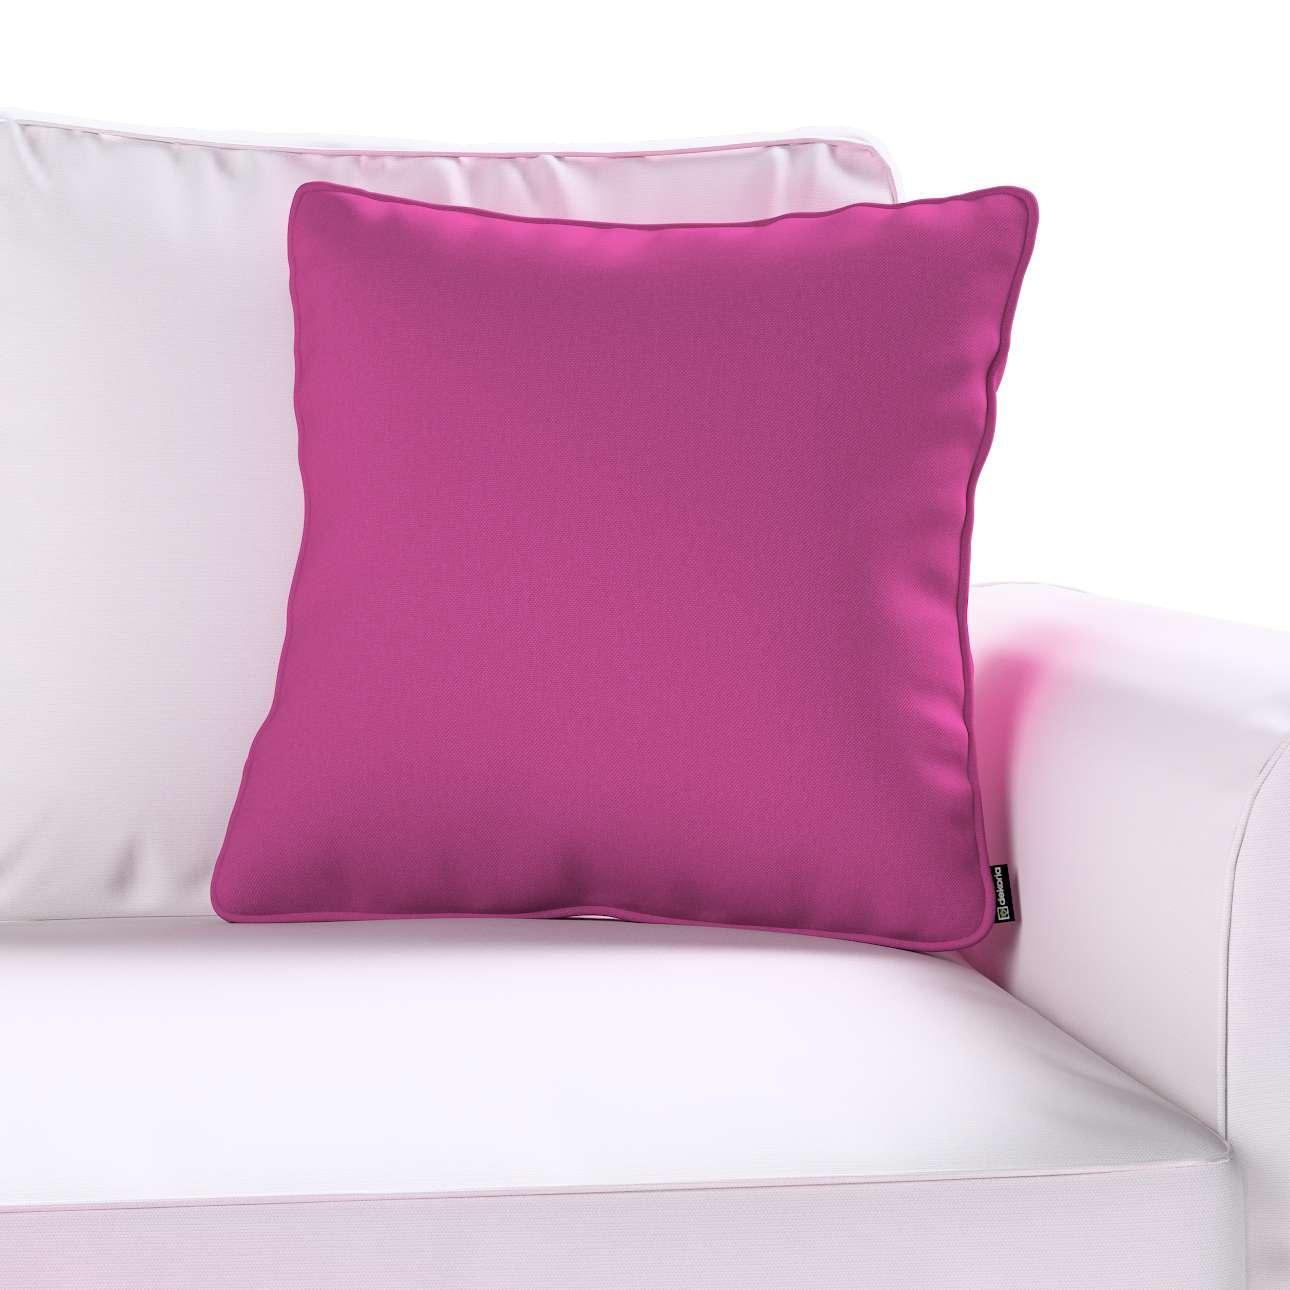 Poszewka Gabi na poduszkę 45 x 45 cm w kolekcji Etna , tkanina: 705-23